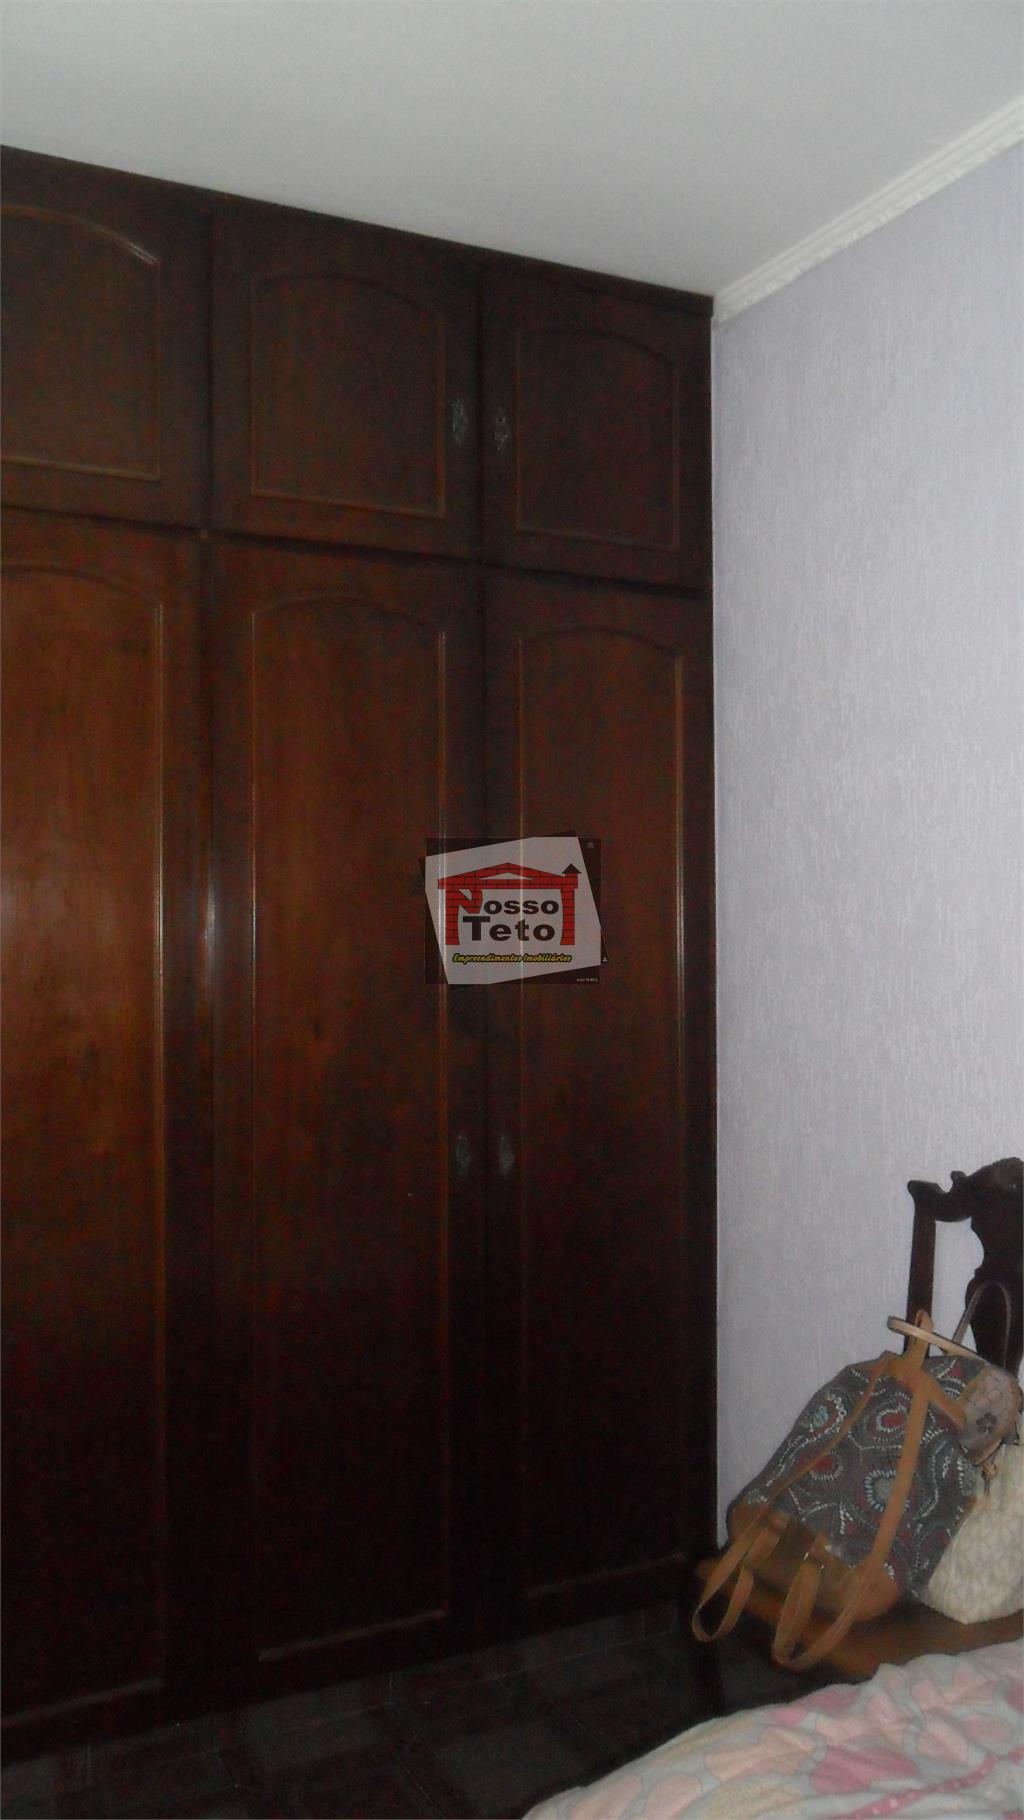 Sobrado de 2 dormitórios à venda em Jardim Britânia, São Paulo - SP